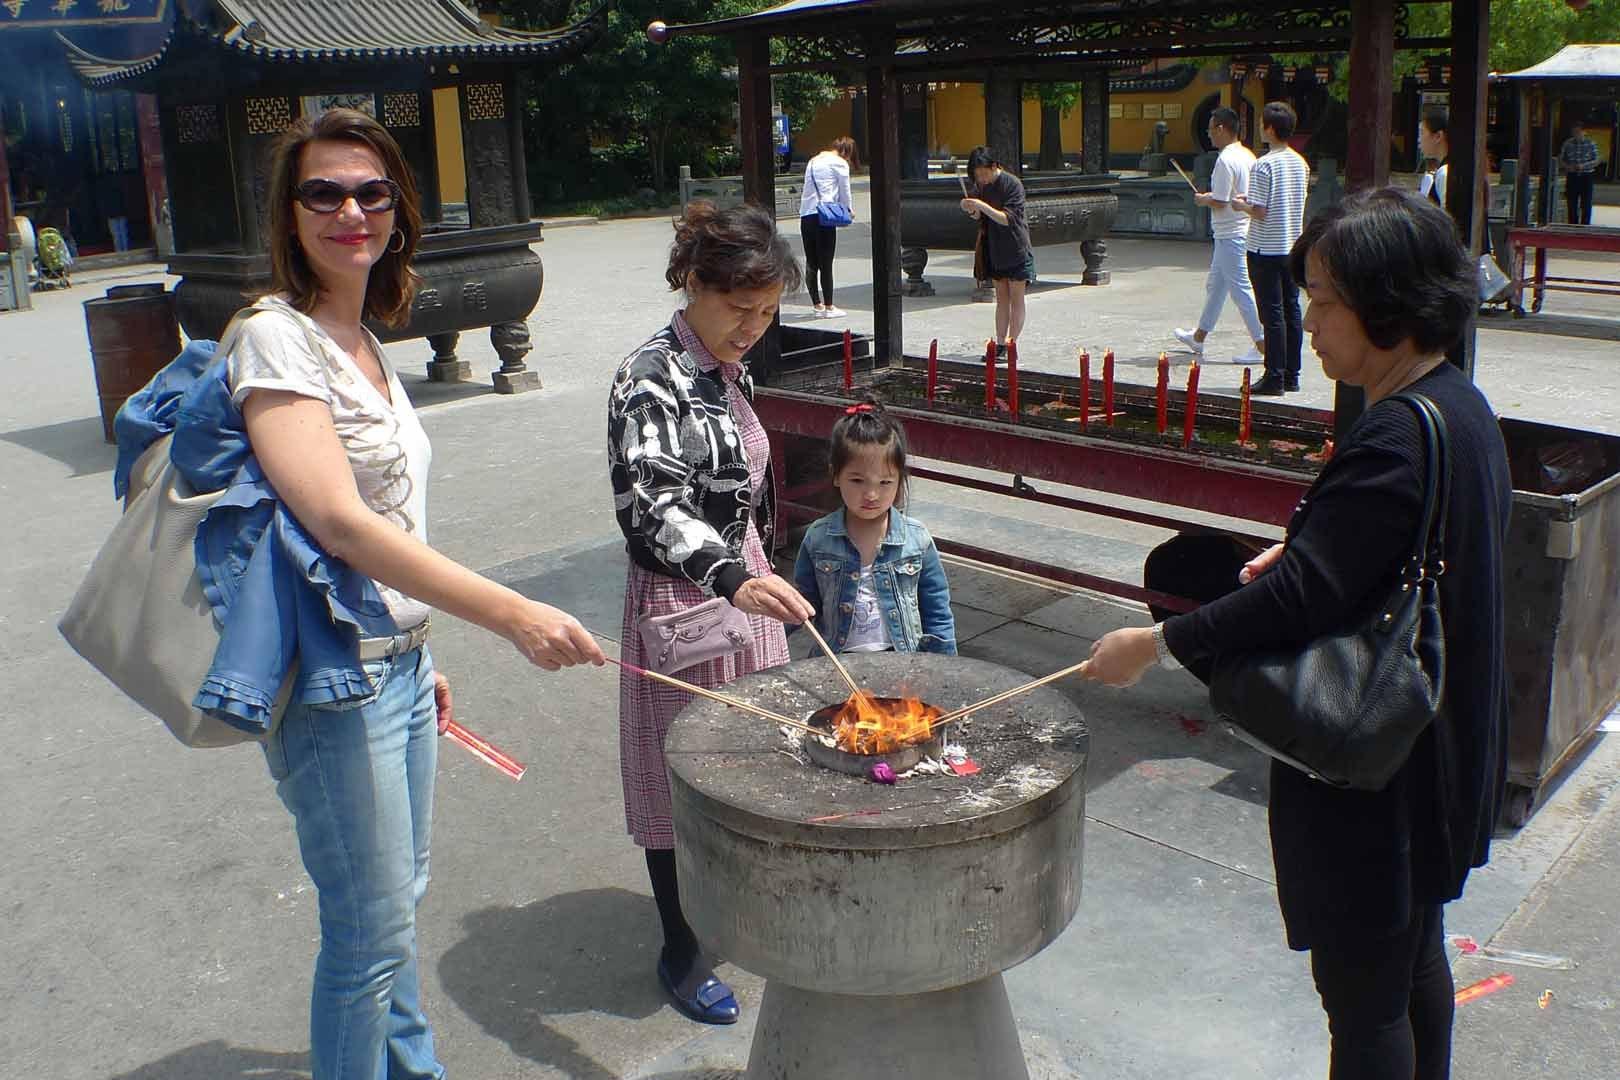 Shanghai_Hotspots_Slideshow_026